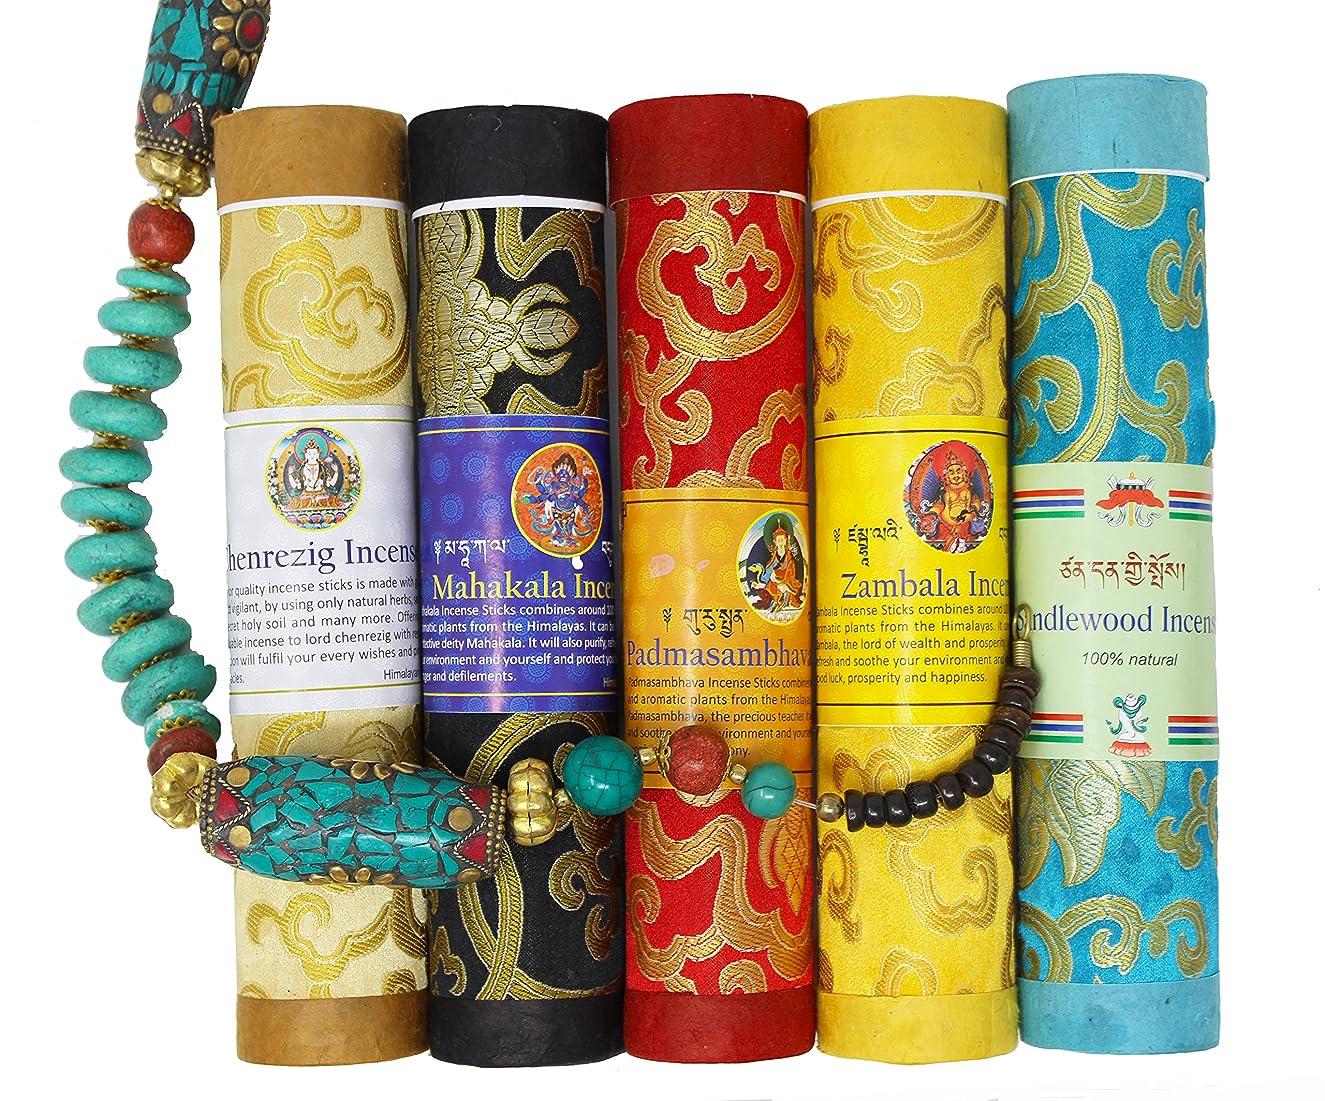 サンドイッチダム拒否juccini Tibetan Incense Sticks ~ Spiritual Healing Hand Rolled Incense Made from Organic Himalayan Herbs